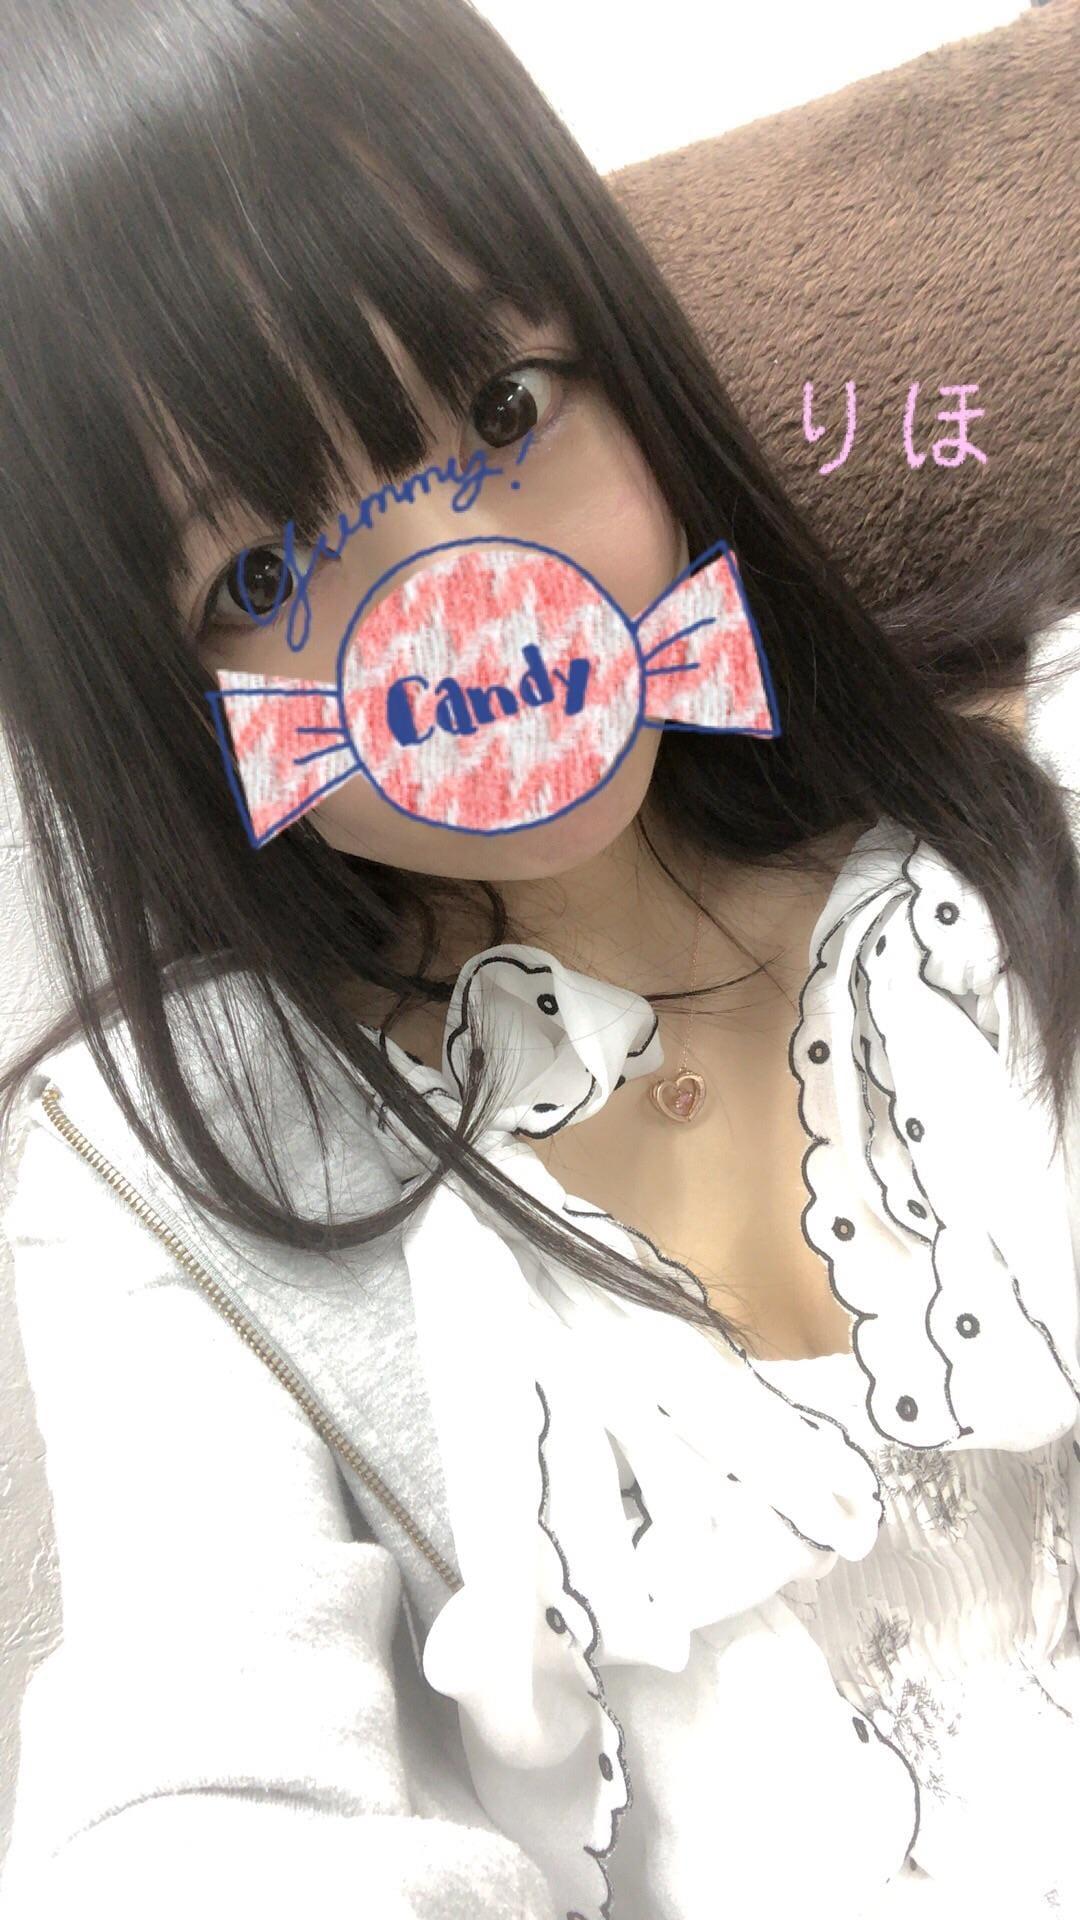 りほ「とあるところへ!!」06/01(金) 11:06   りほの写メ・風俗動画